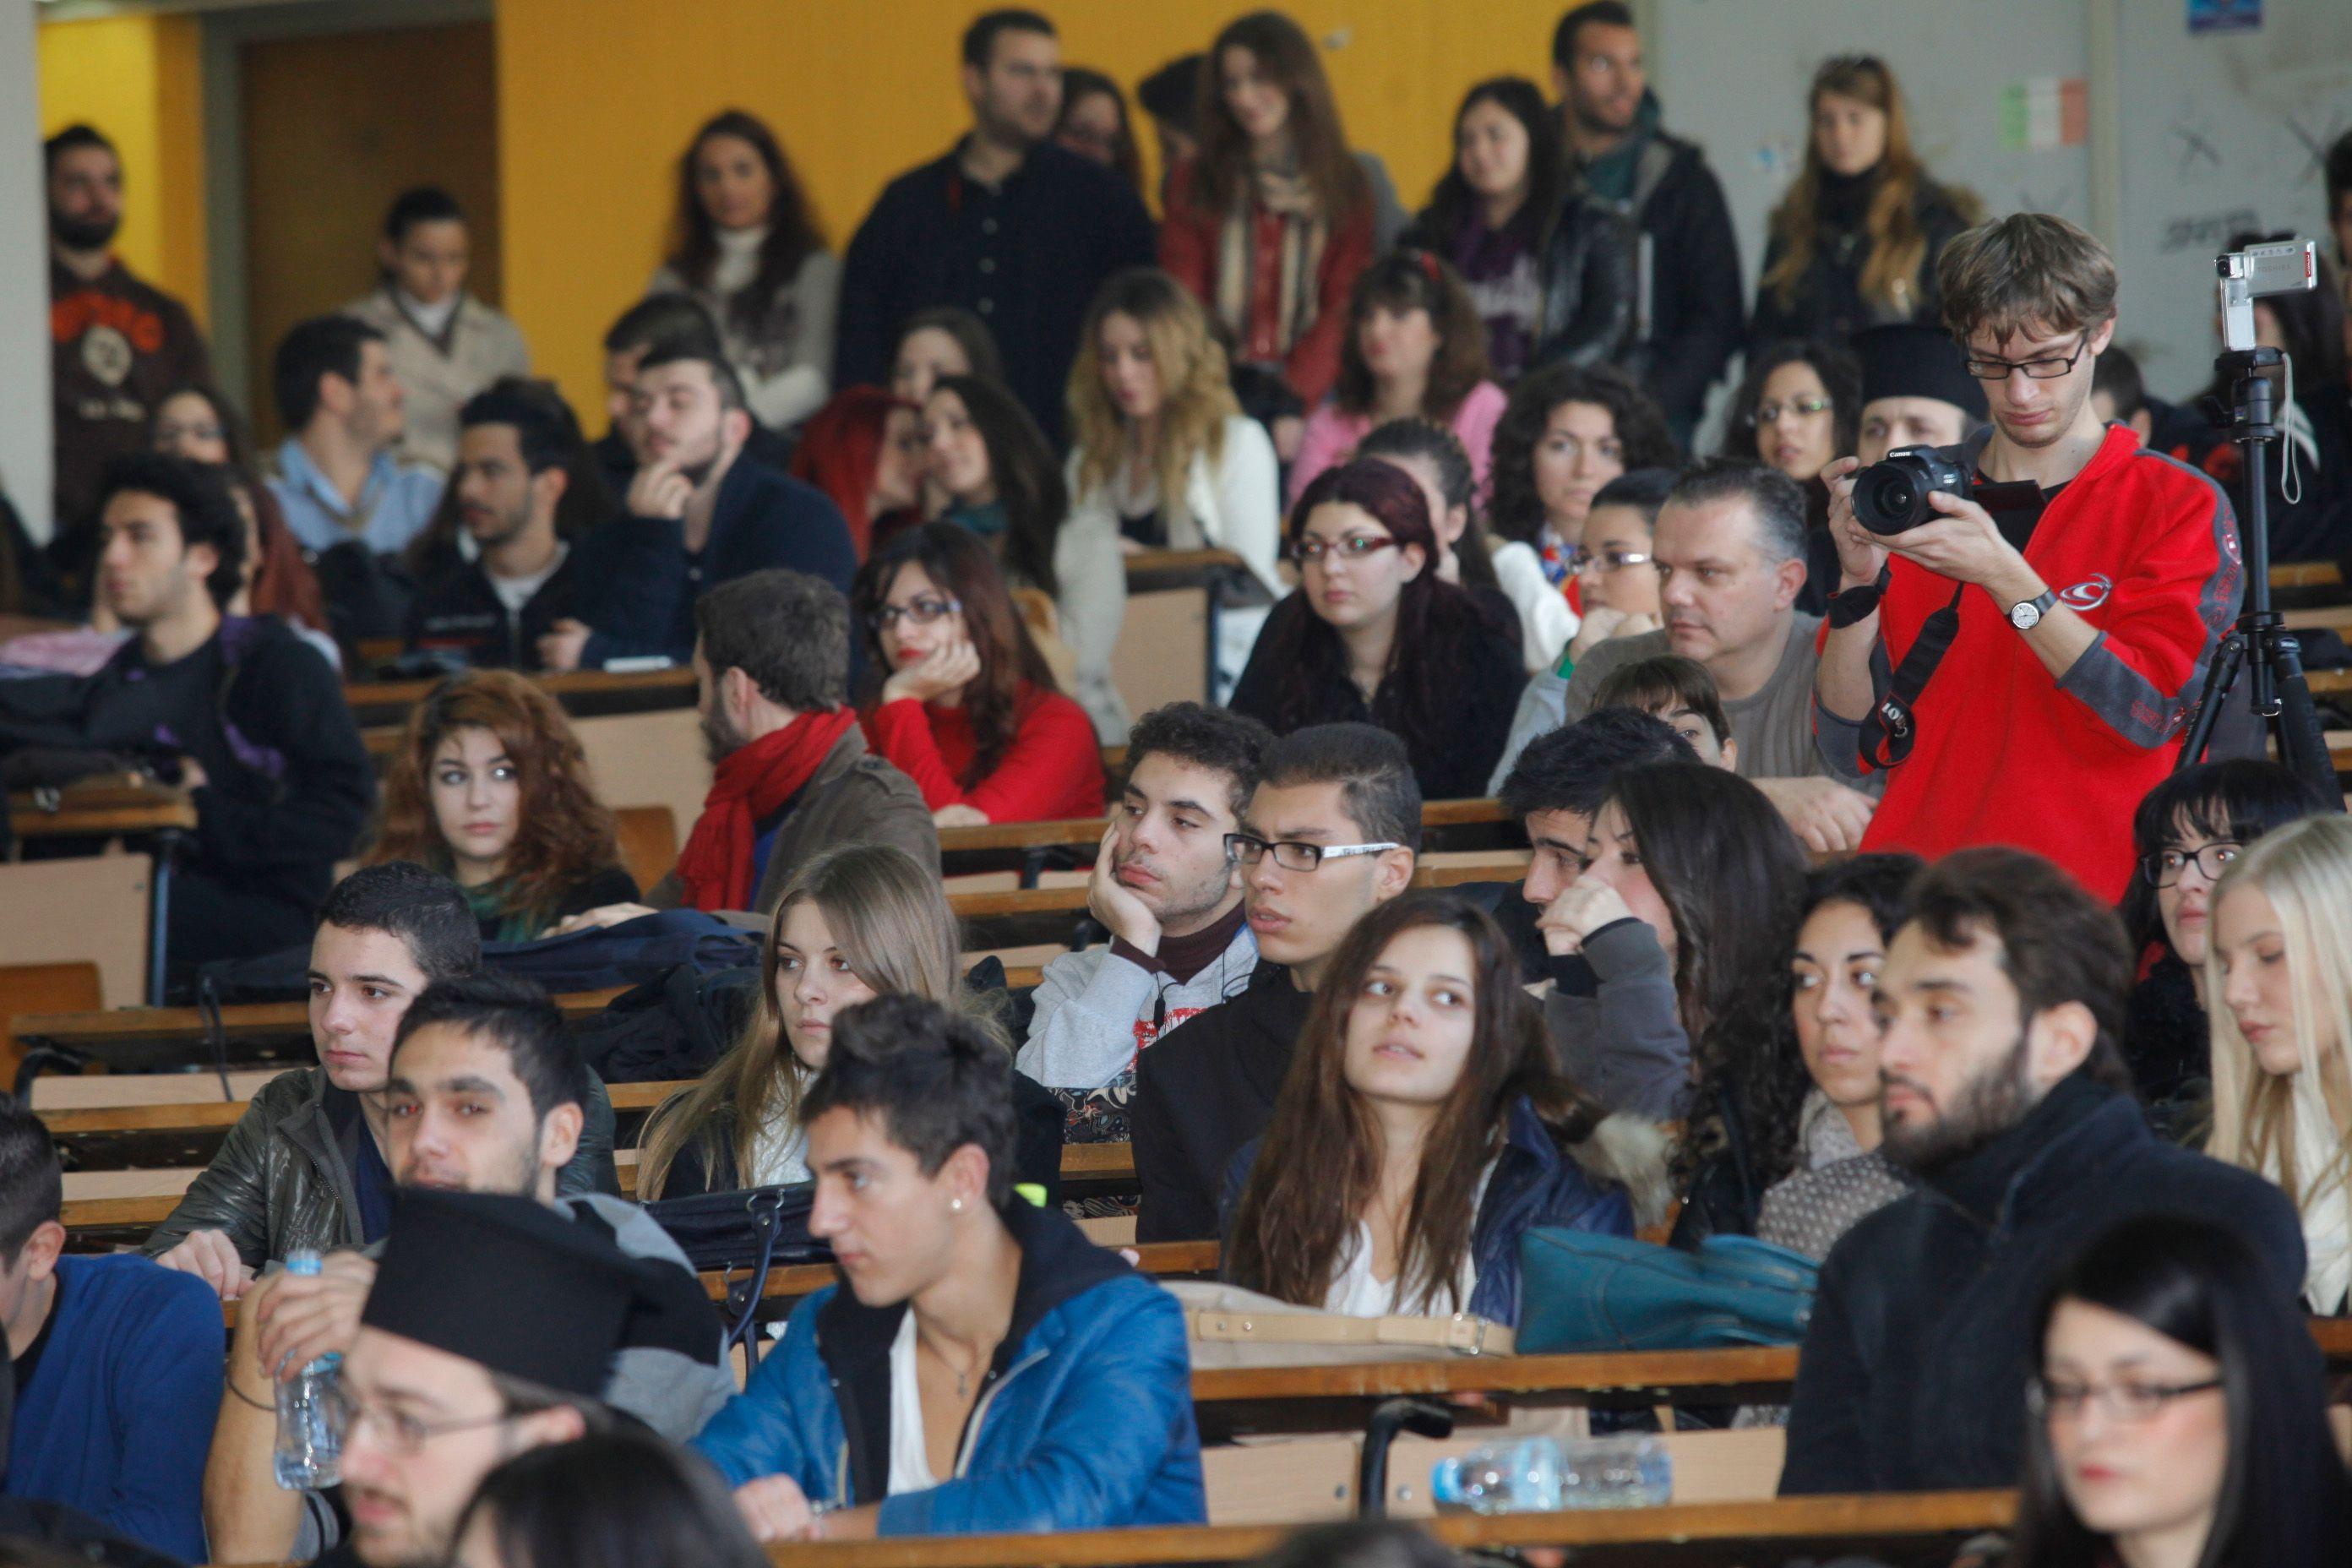 Αυξάνεται, αριθμός, αιτήσεων, στεγαστικό, φοιτητικό, επίδομα, 1.000 ευρώ